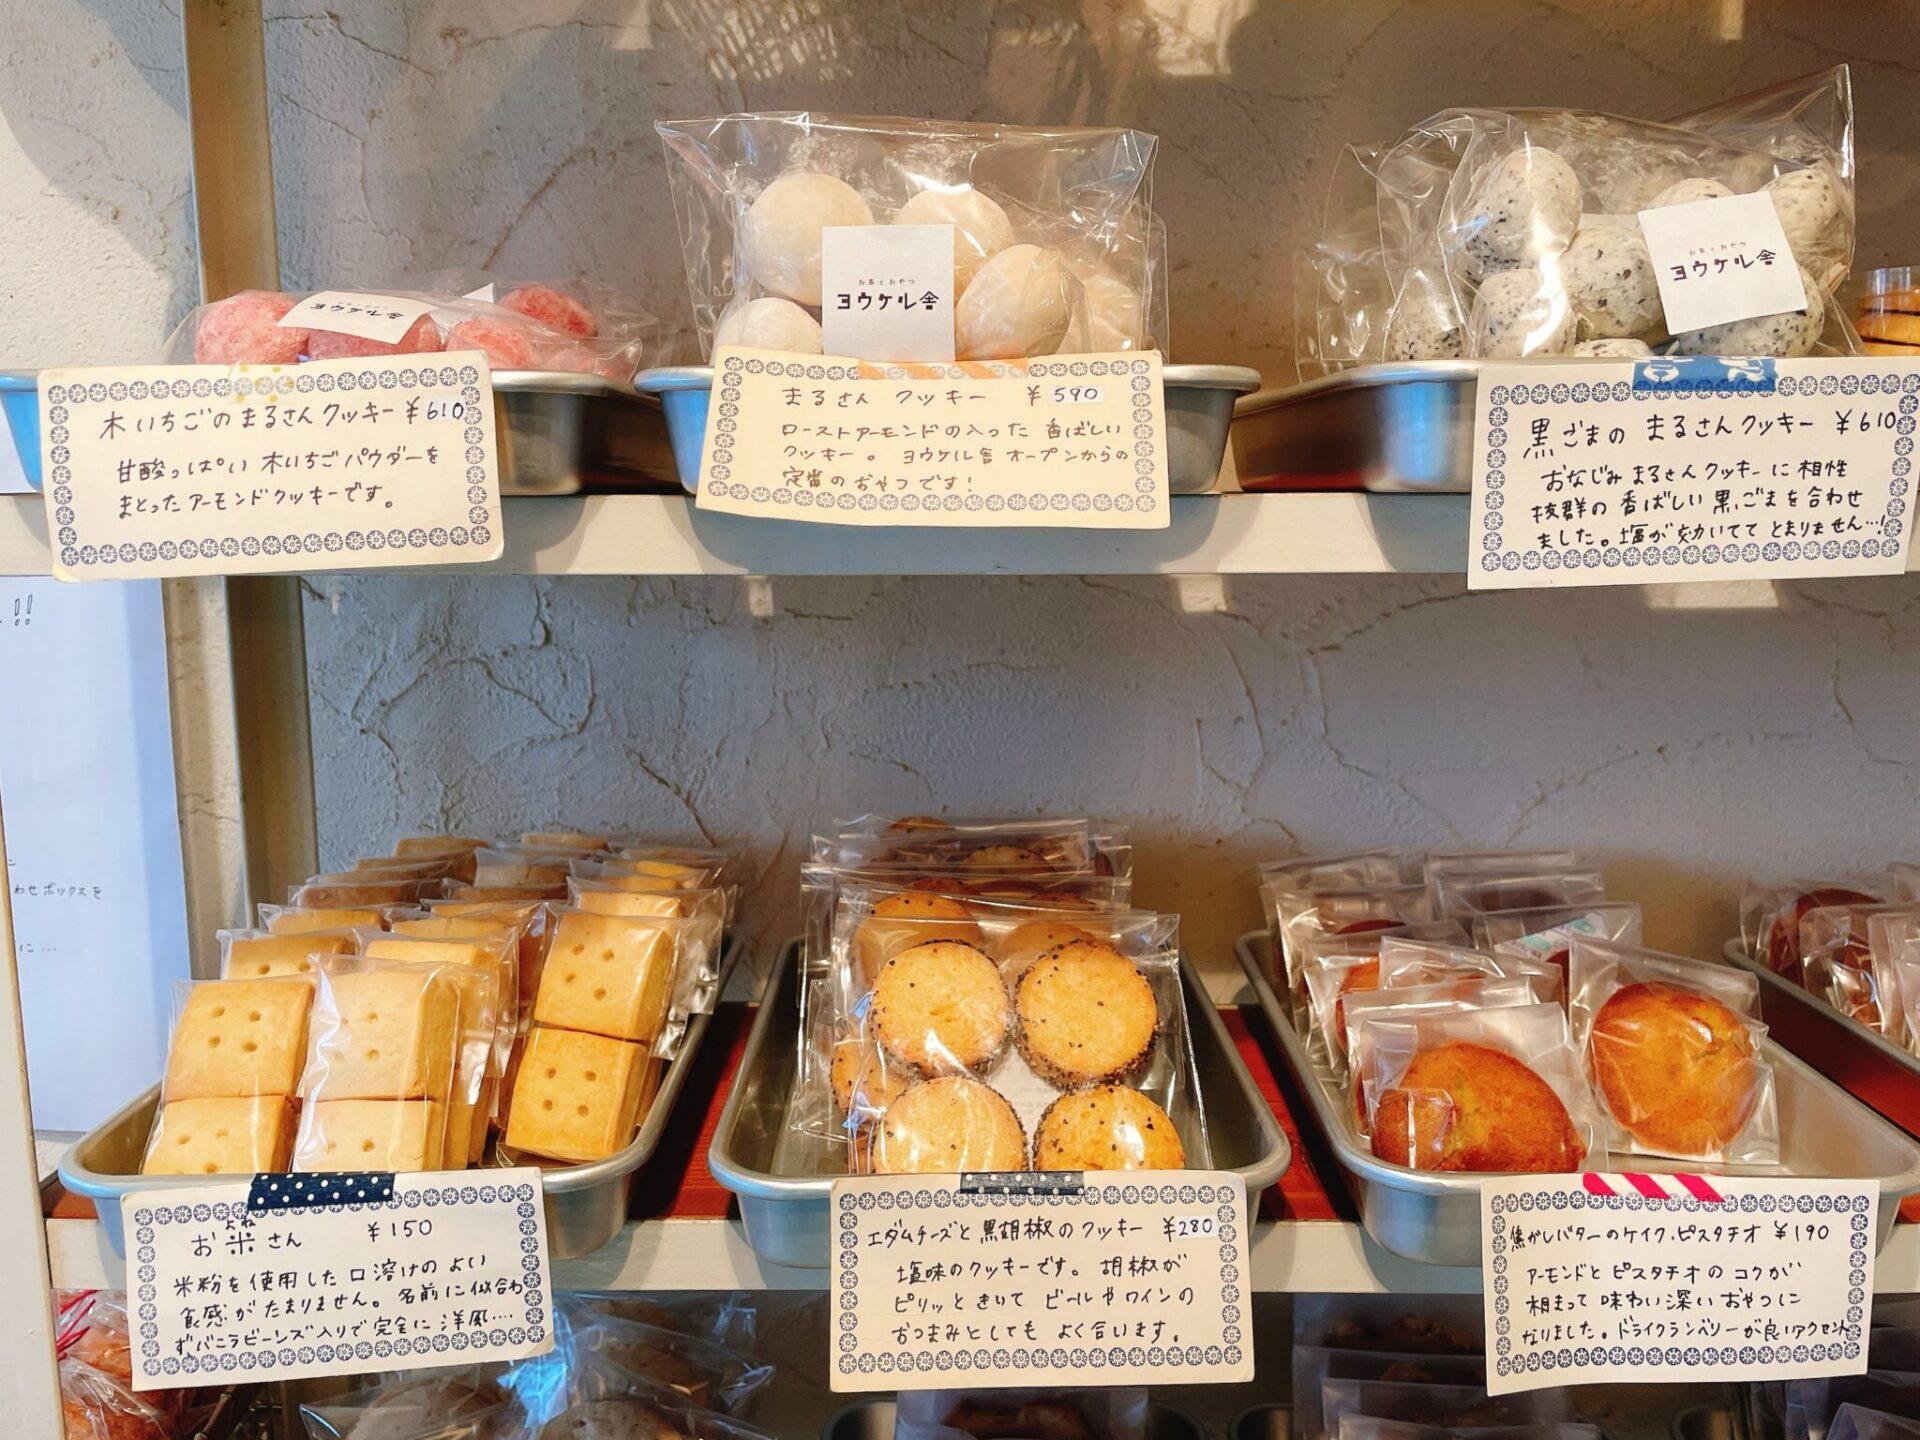 ヨウケル舎の焼き菓子